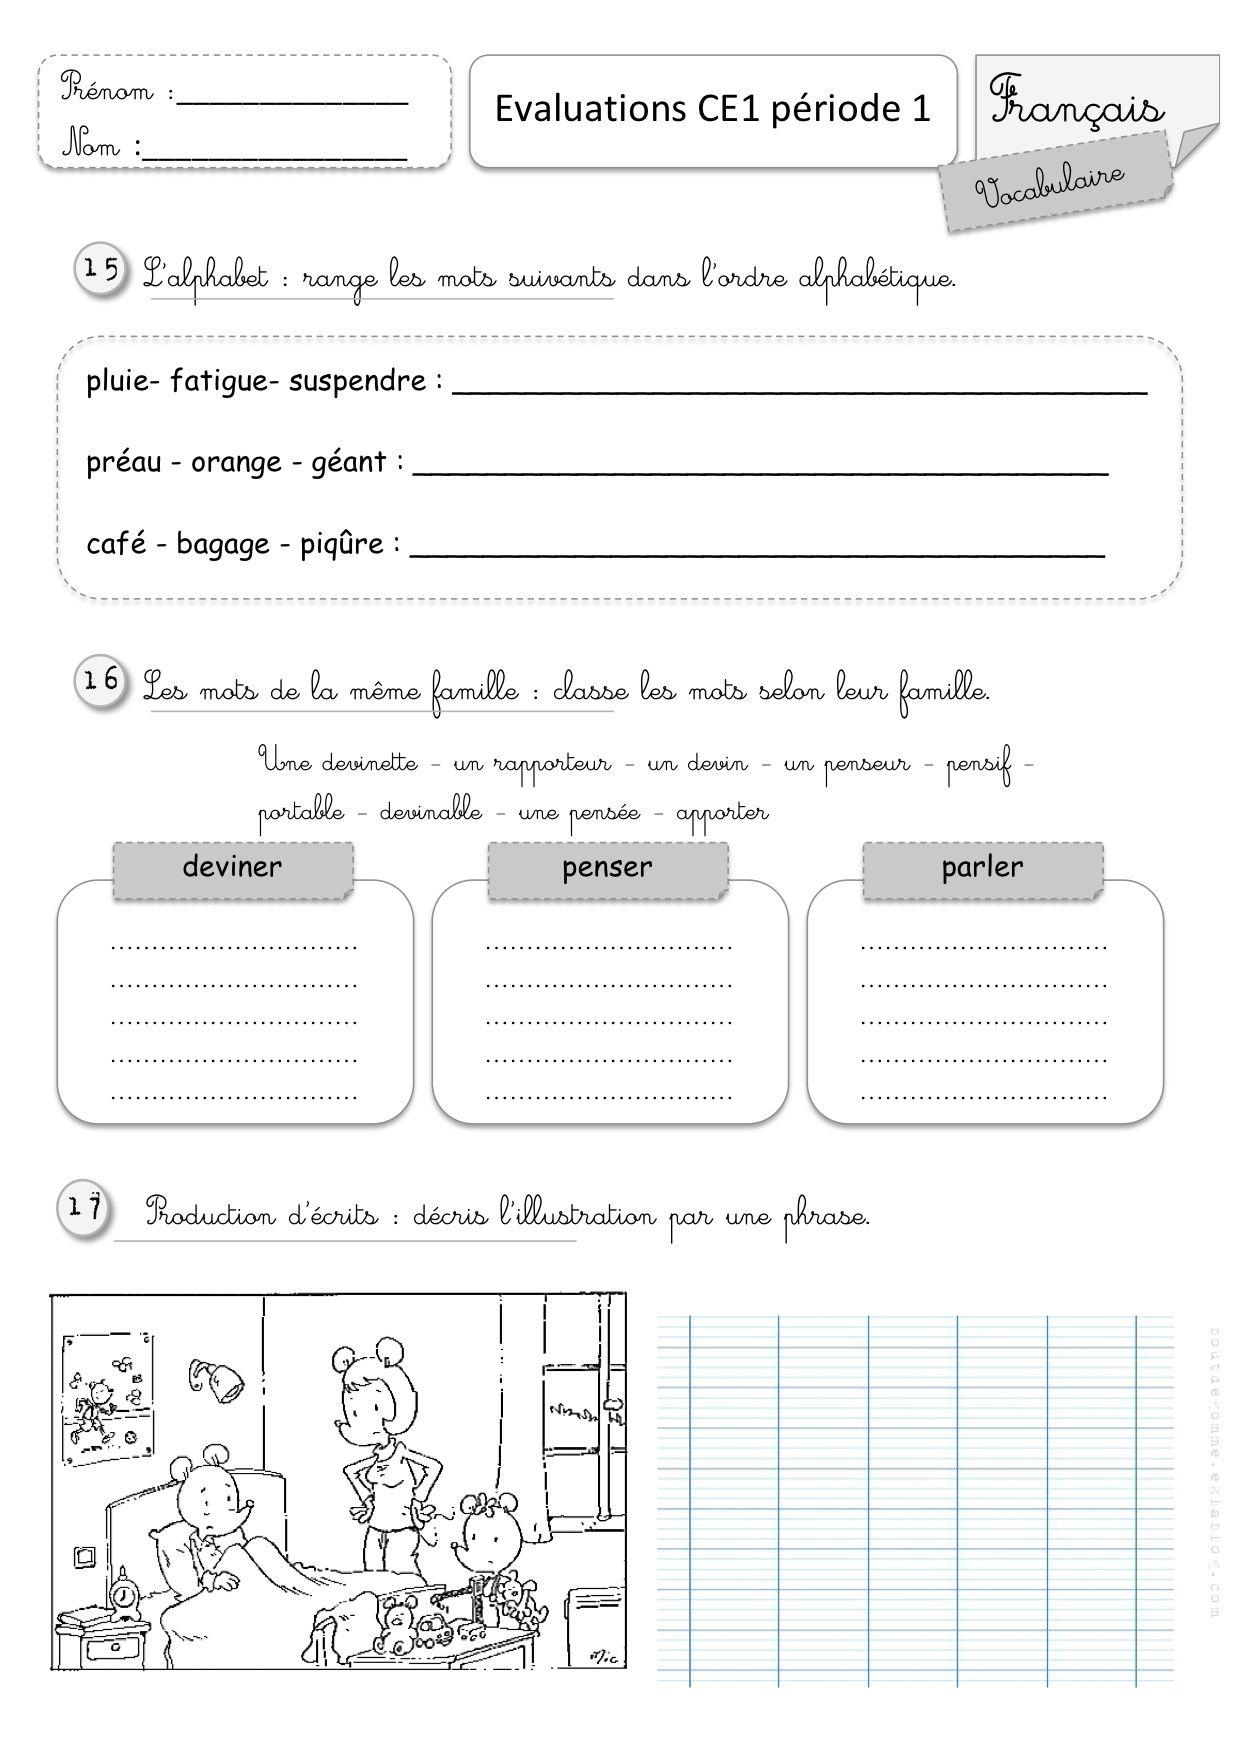 Coloriage Magique M Devant M B P.Evaluations Ce1 1er Semestre Francais Fichier French Education